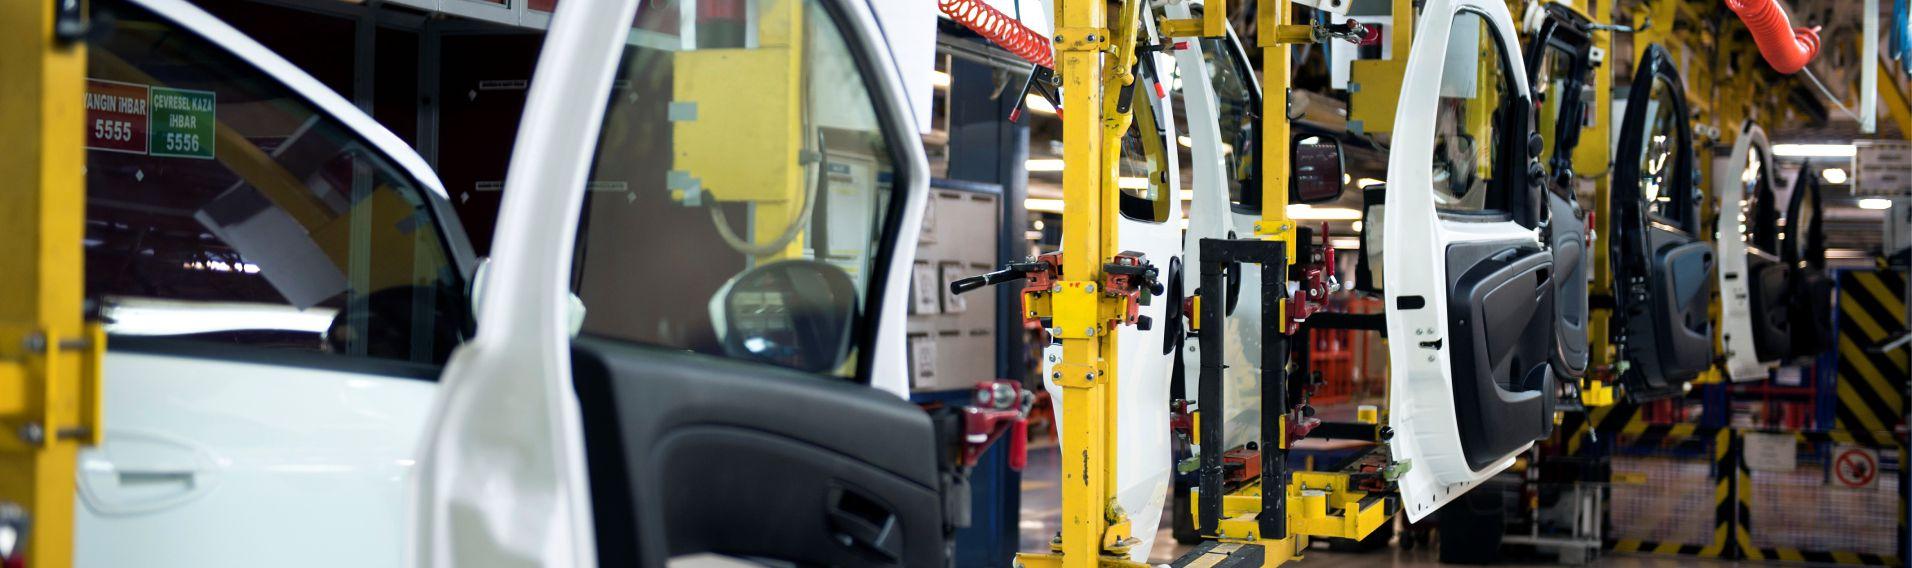 Automotive factory assembly line